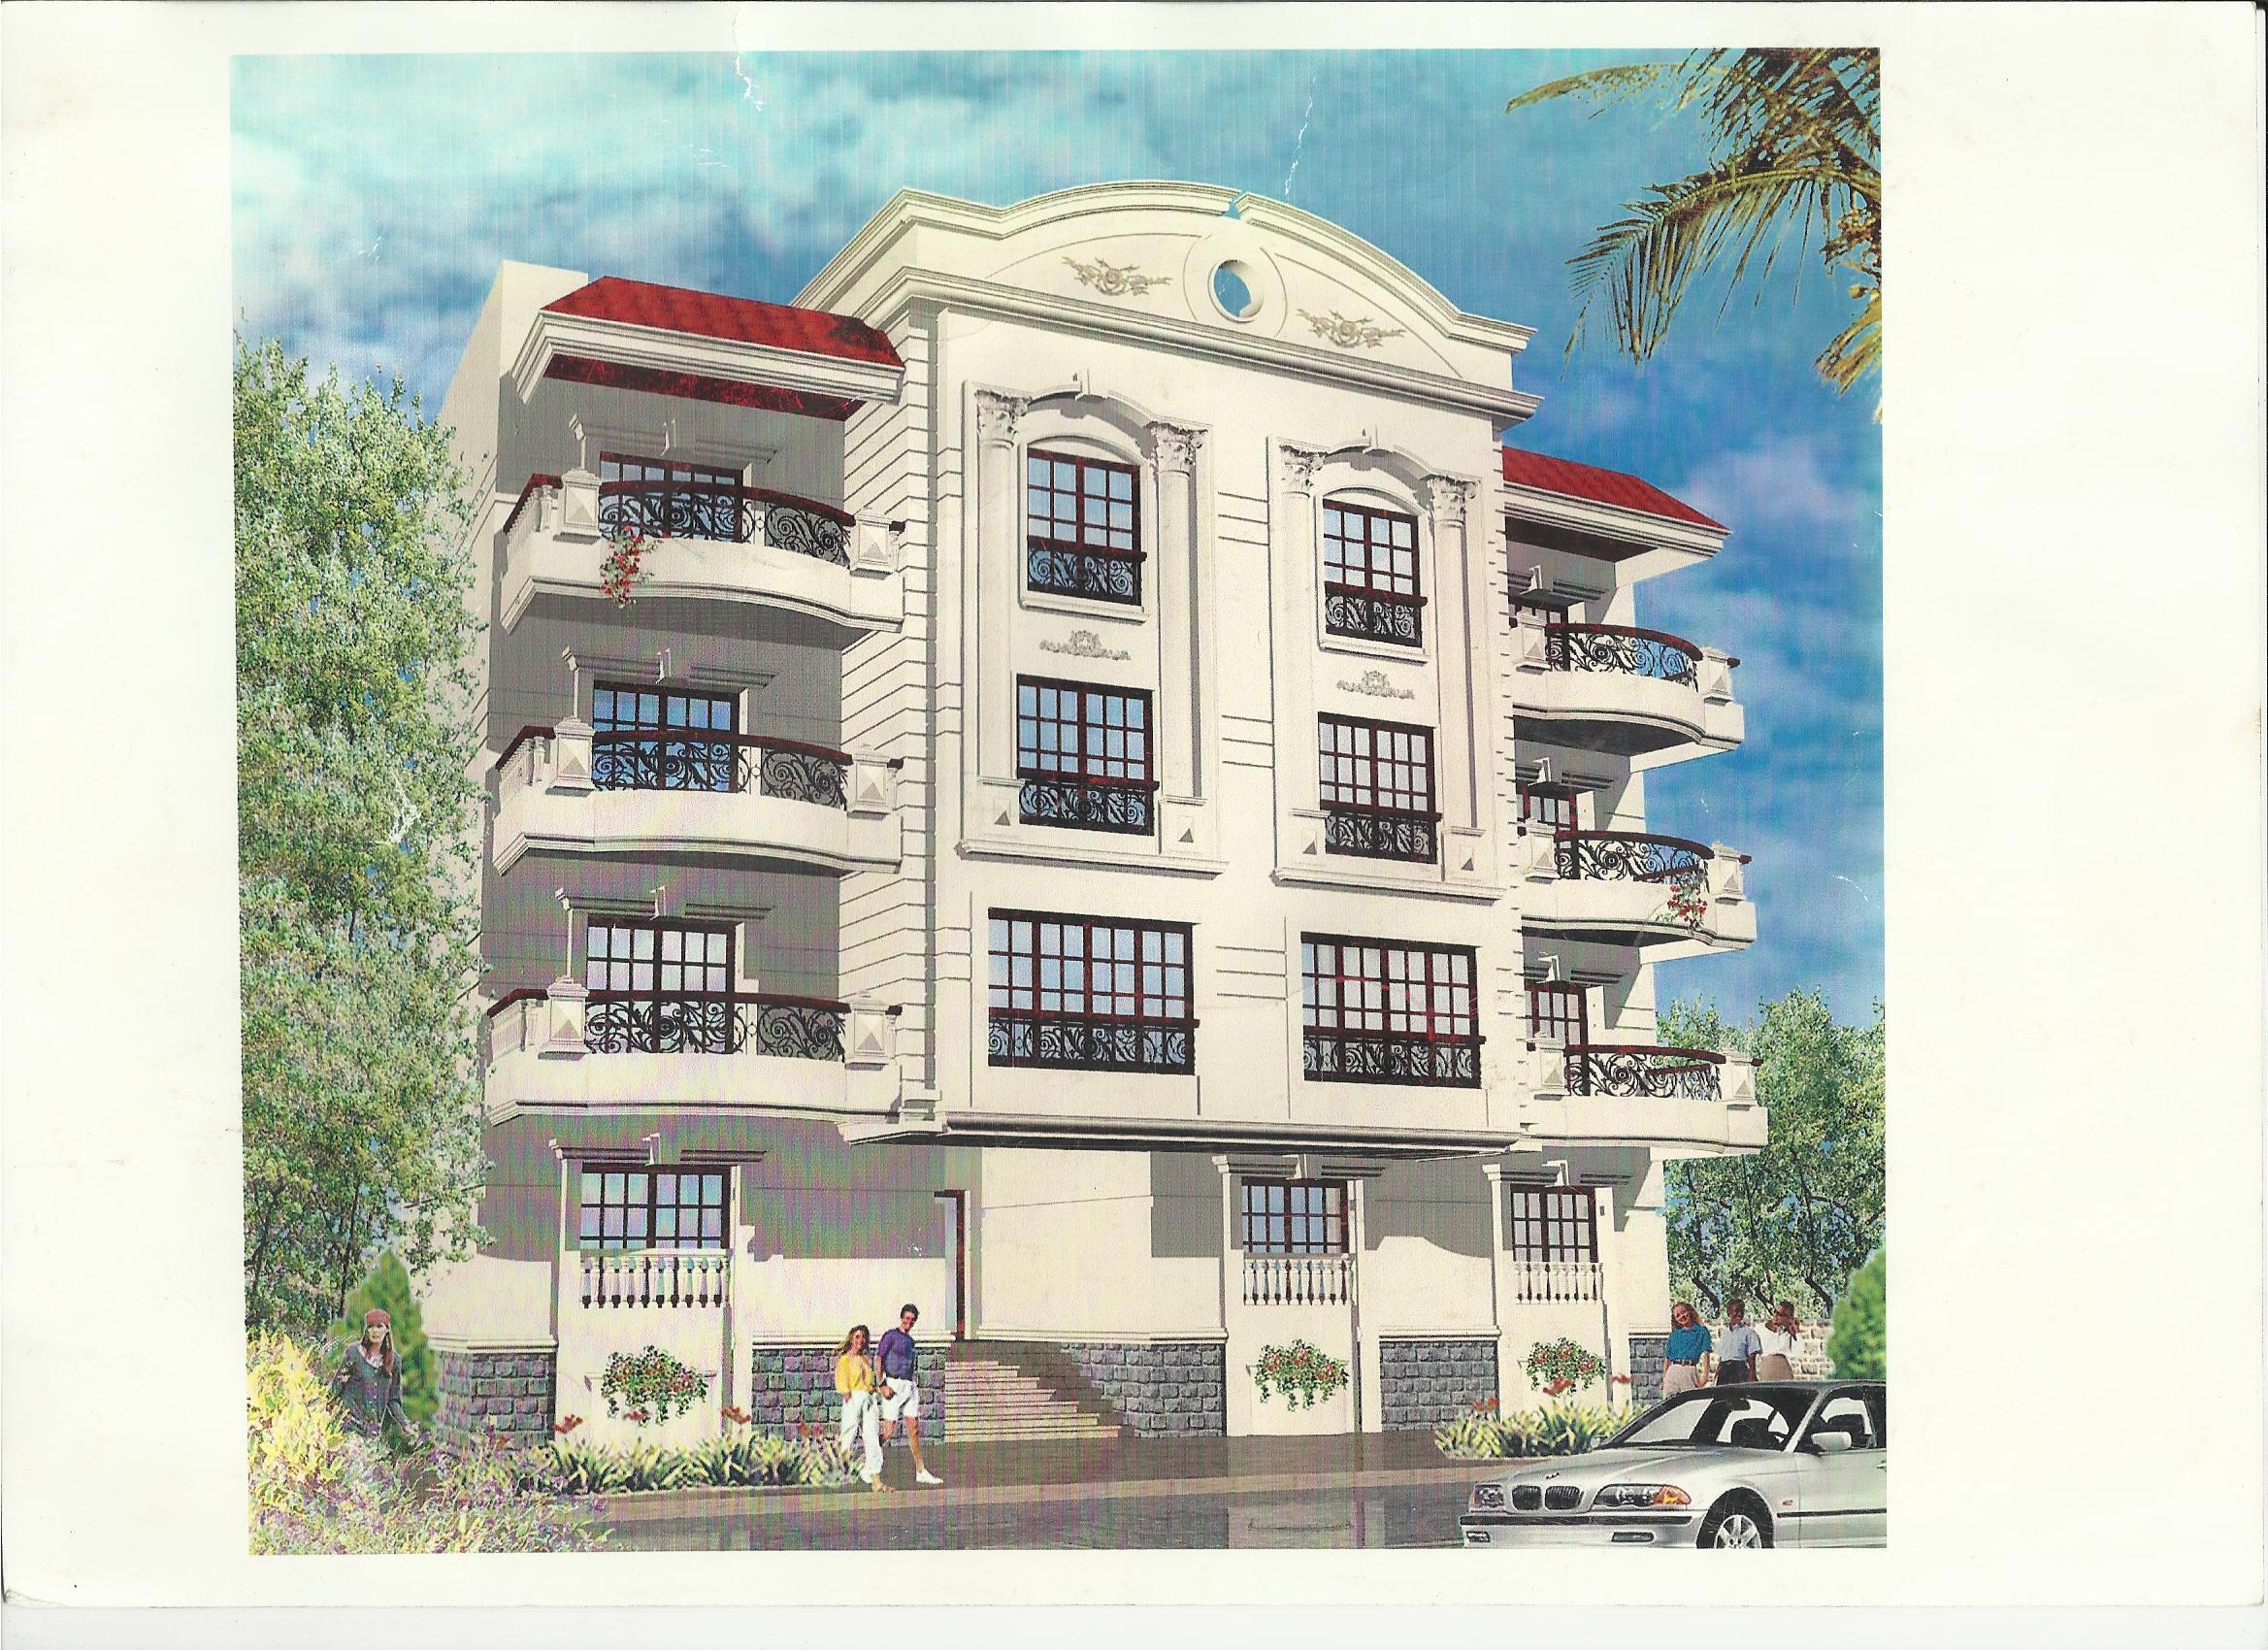 شقة للبيع بمدينة نصر  200 متر بالمنطقة التاسعة